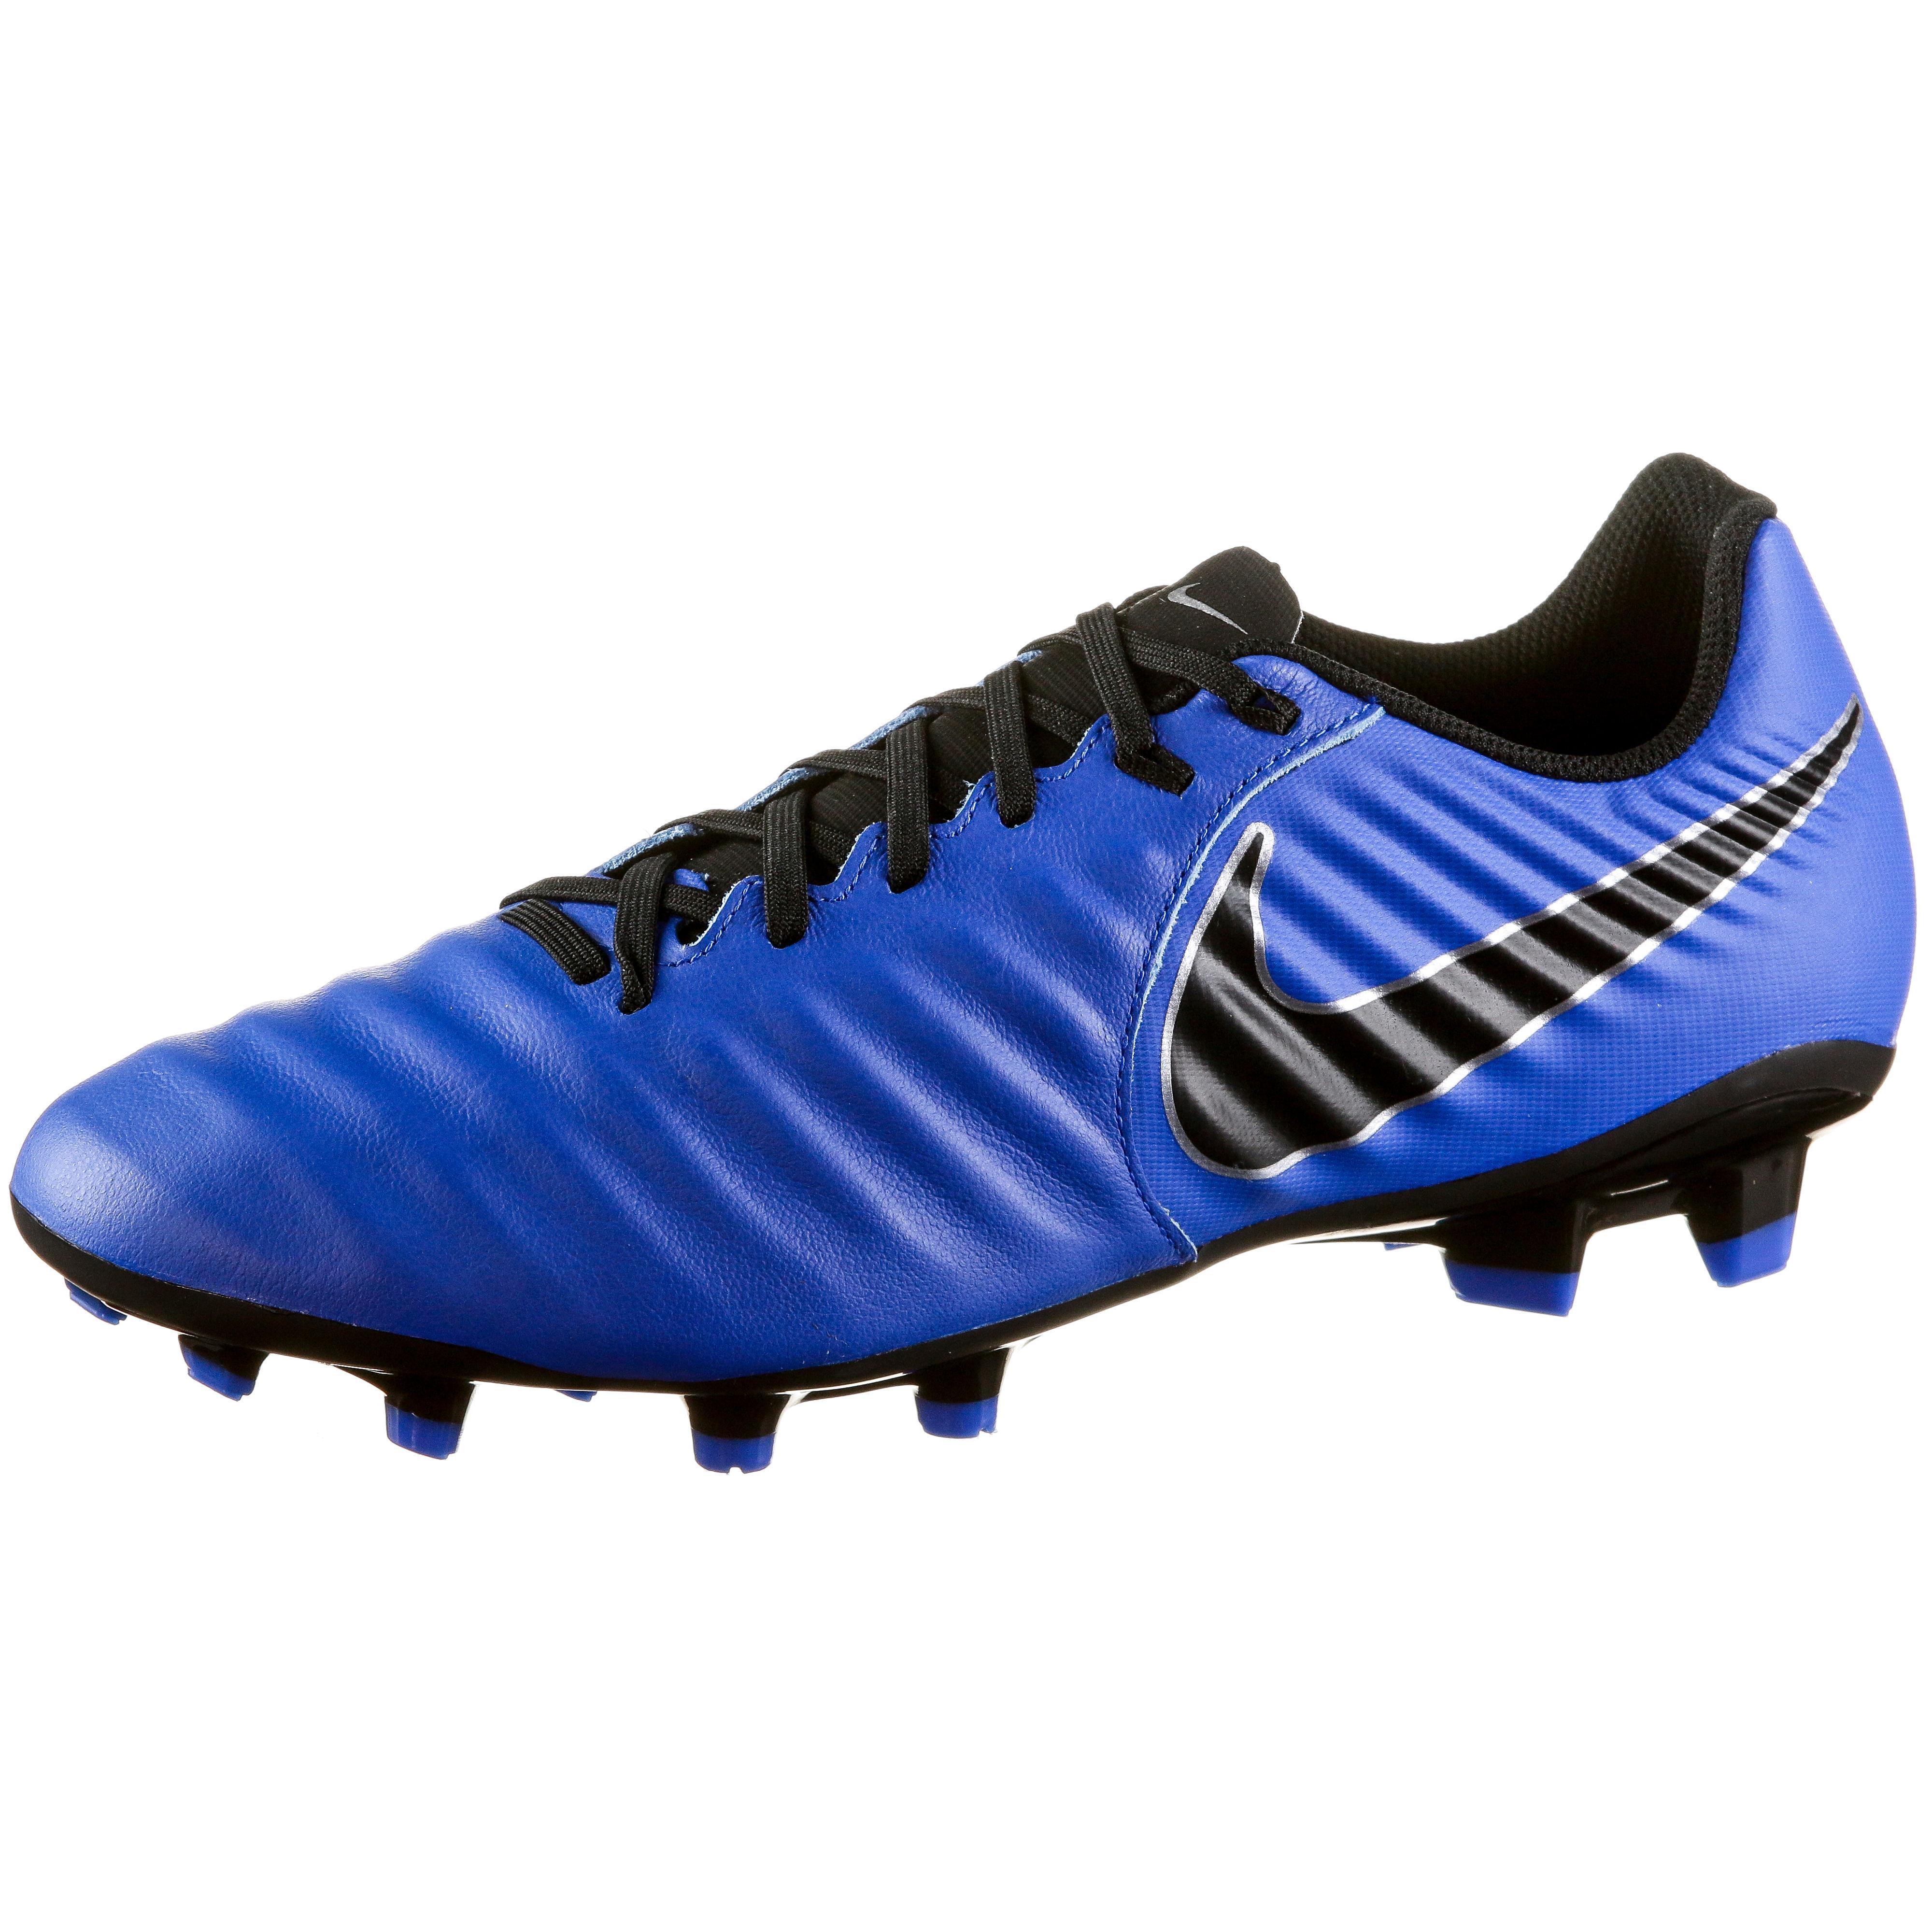 Nike TIEMPO LEGEND 7 ACADEMY FG racer Fußballschuhe racer FG Blau-schwarz-mtlc Silber im Online Shop von SportScheck kaufen Gute Qualität beliebte Schuhe 5f7cbe